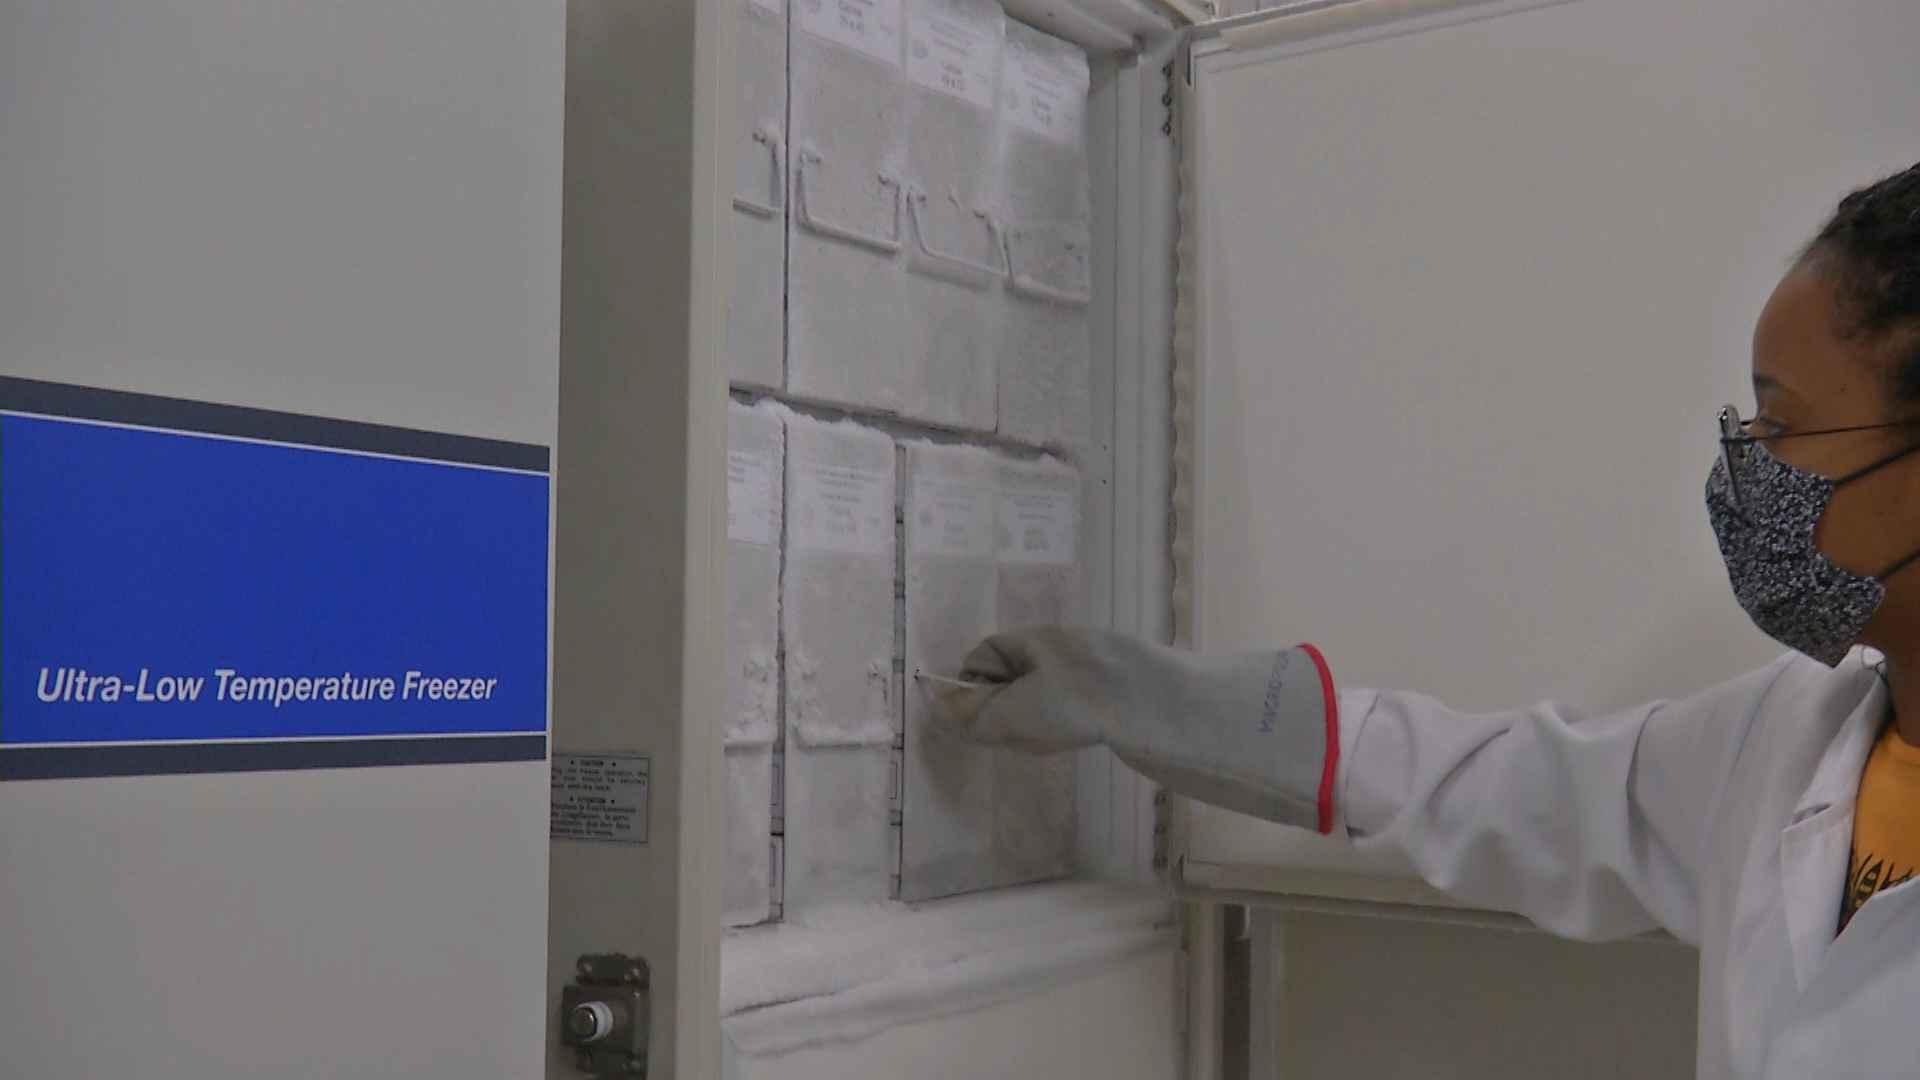 Ultrafreezer instalado em laboratório da UFMG: